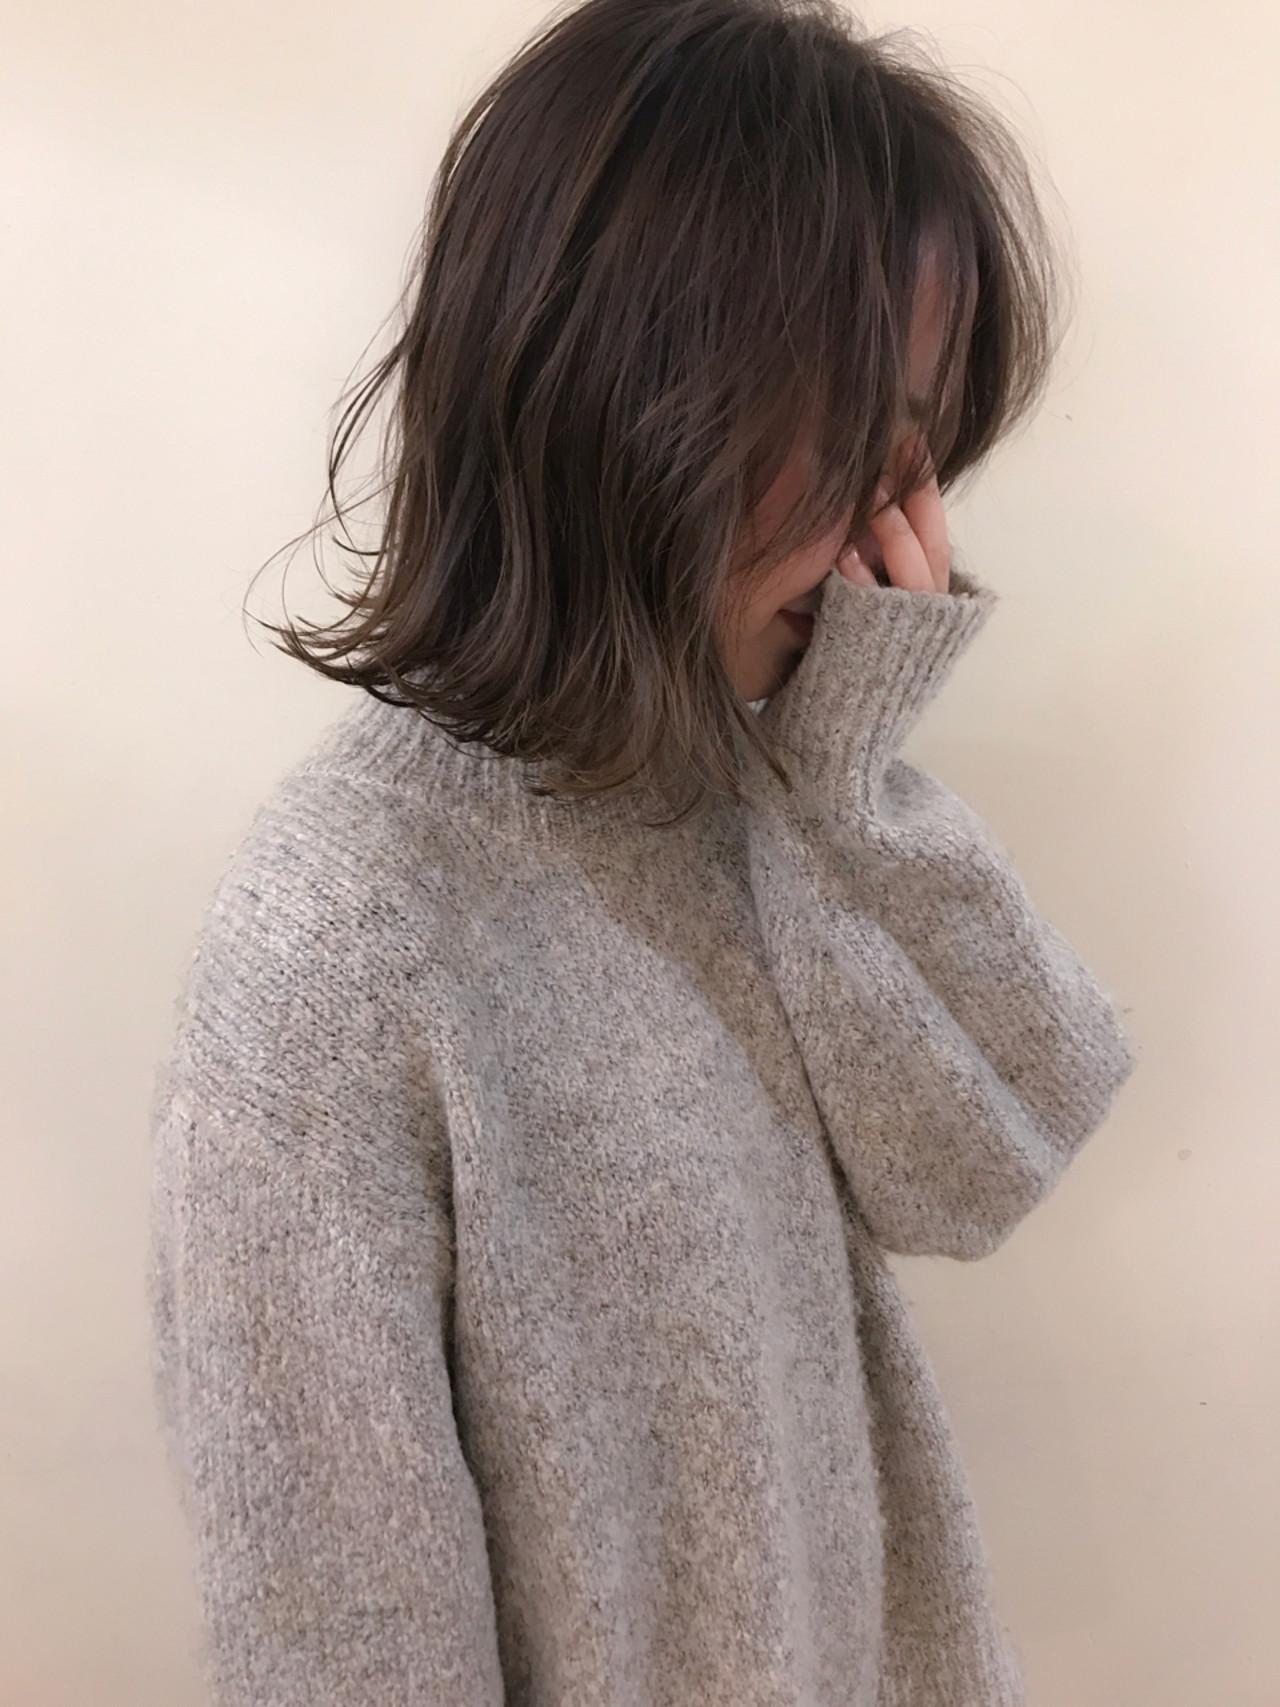 ざっくり巻いて、透明感のあるヌケ感をプラス yumiko/sapporoSKNOW | SKNOW